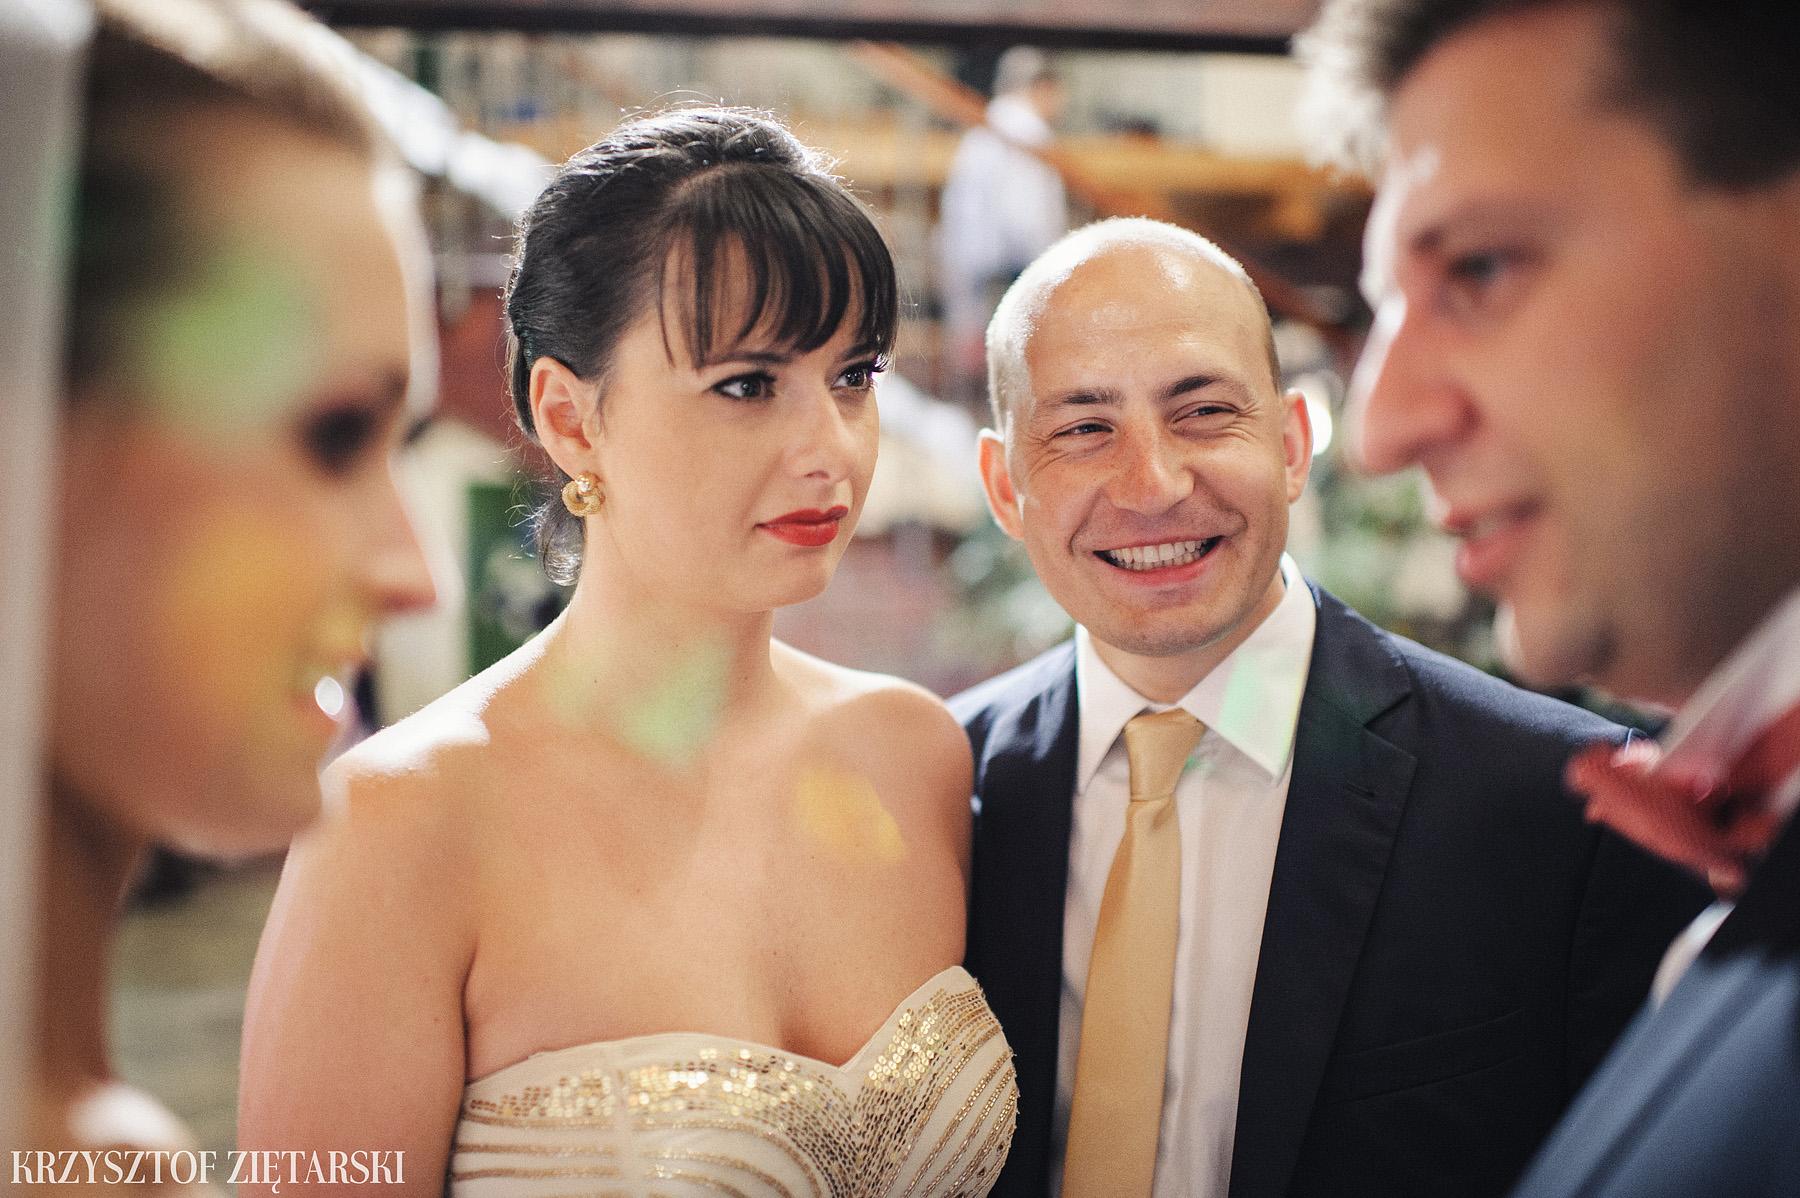 Karolina i Jacek - Fotografia ślubna Gdańsk, Chwaszczyno, Gościniec dla Przyjaciół Wyczechowo Hilary - 31.